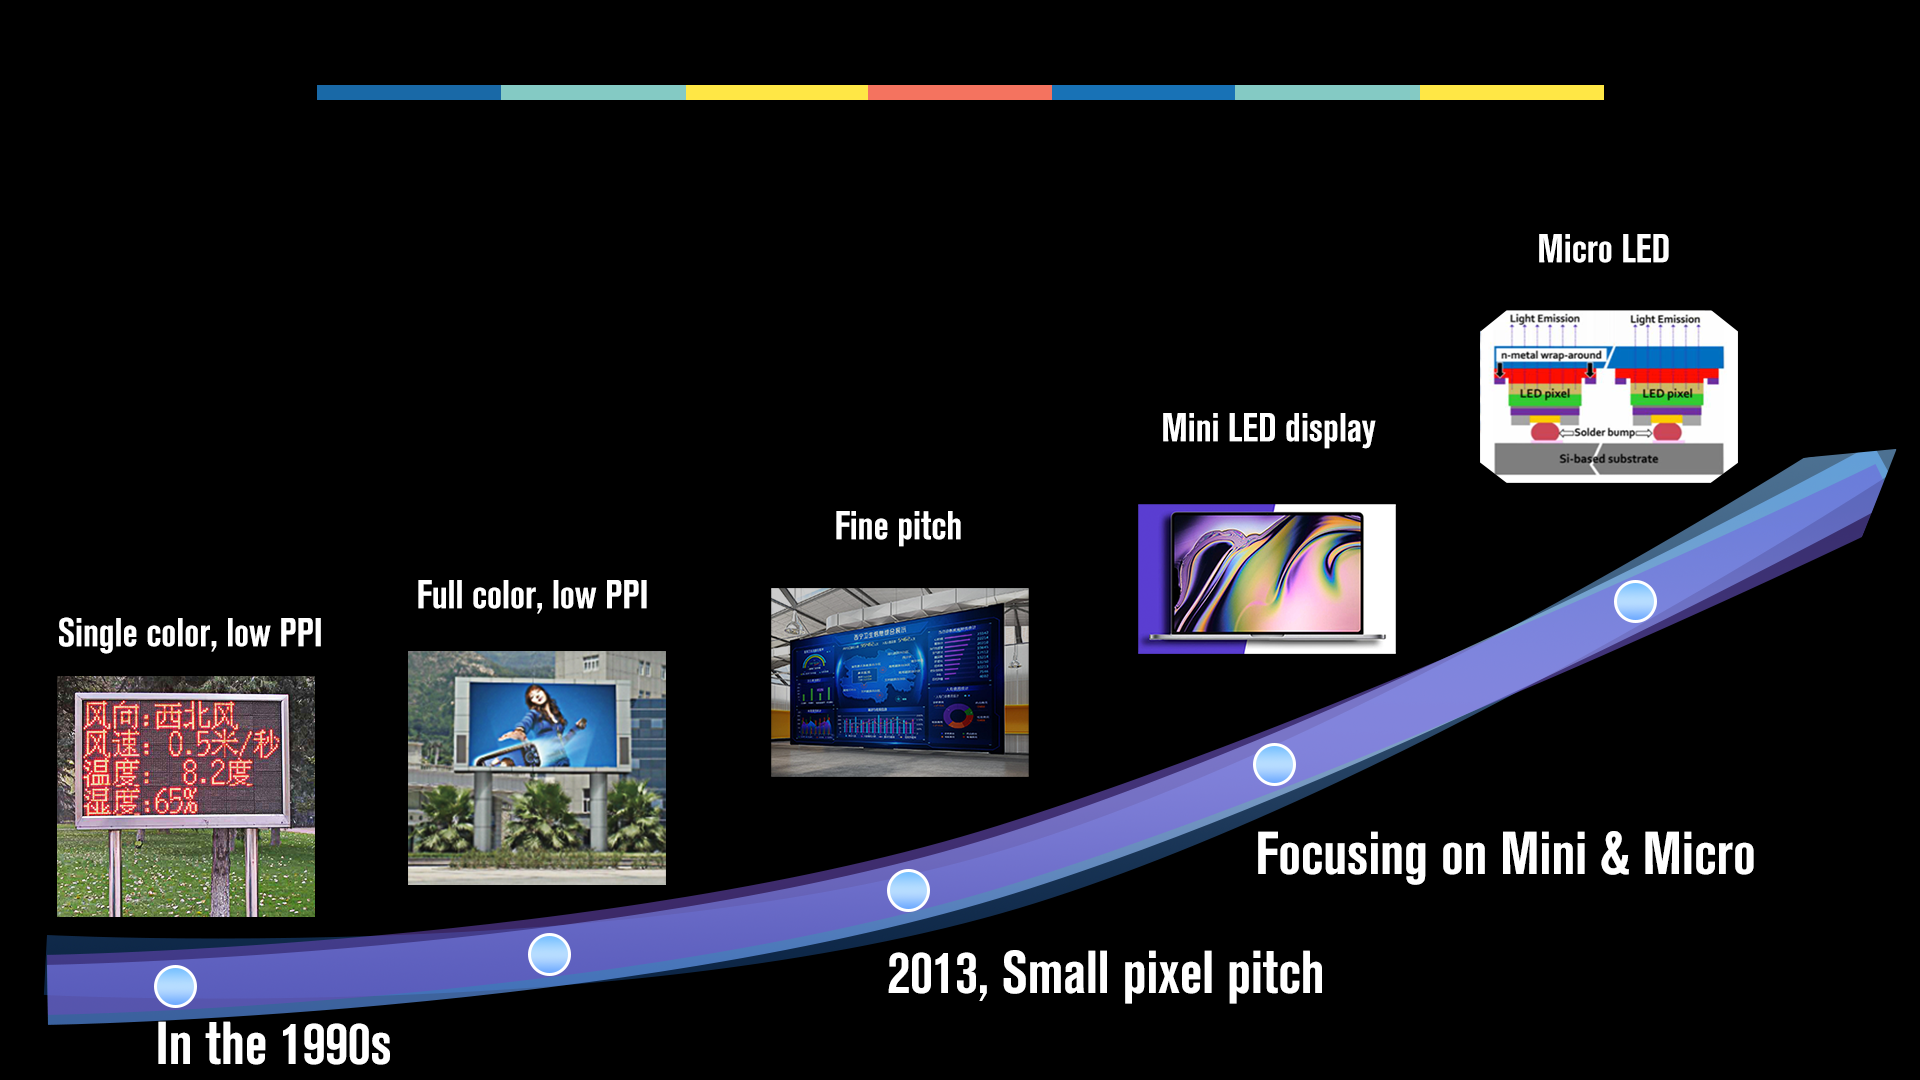 简短介绍LED技术过程 -  LED显示器供应商